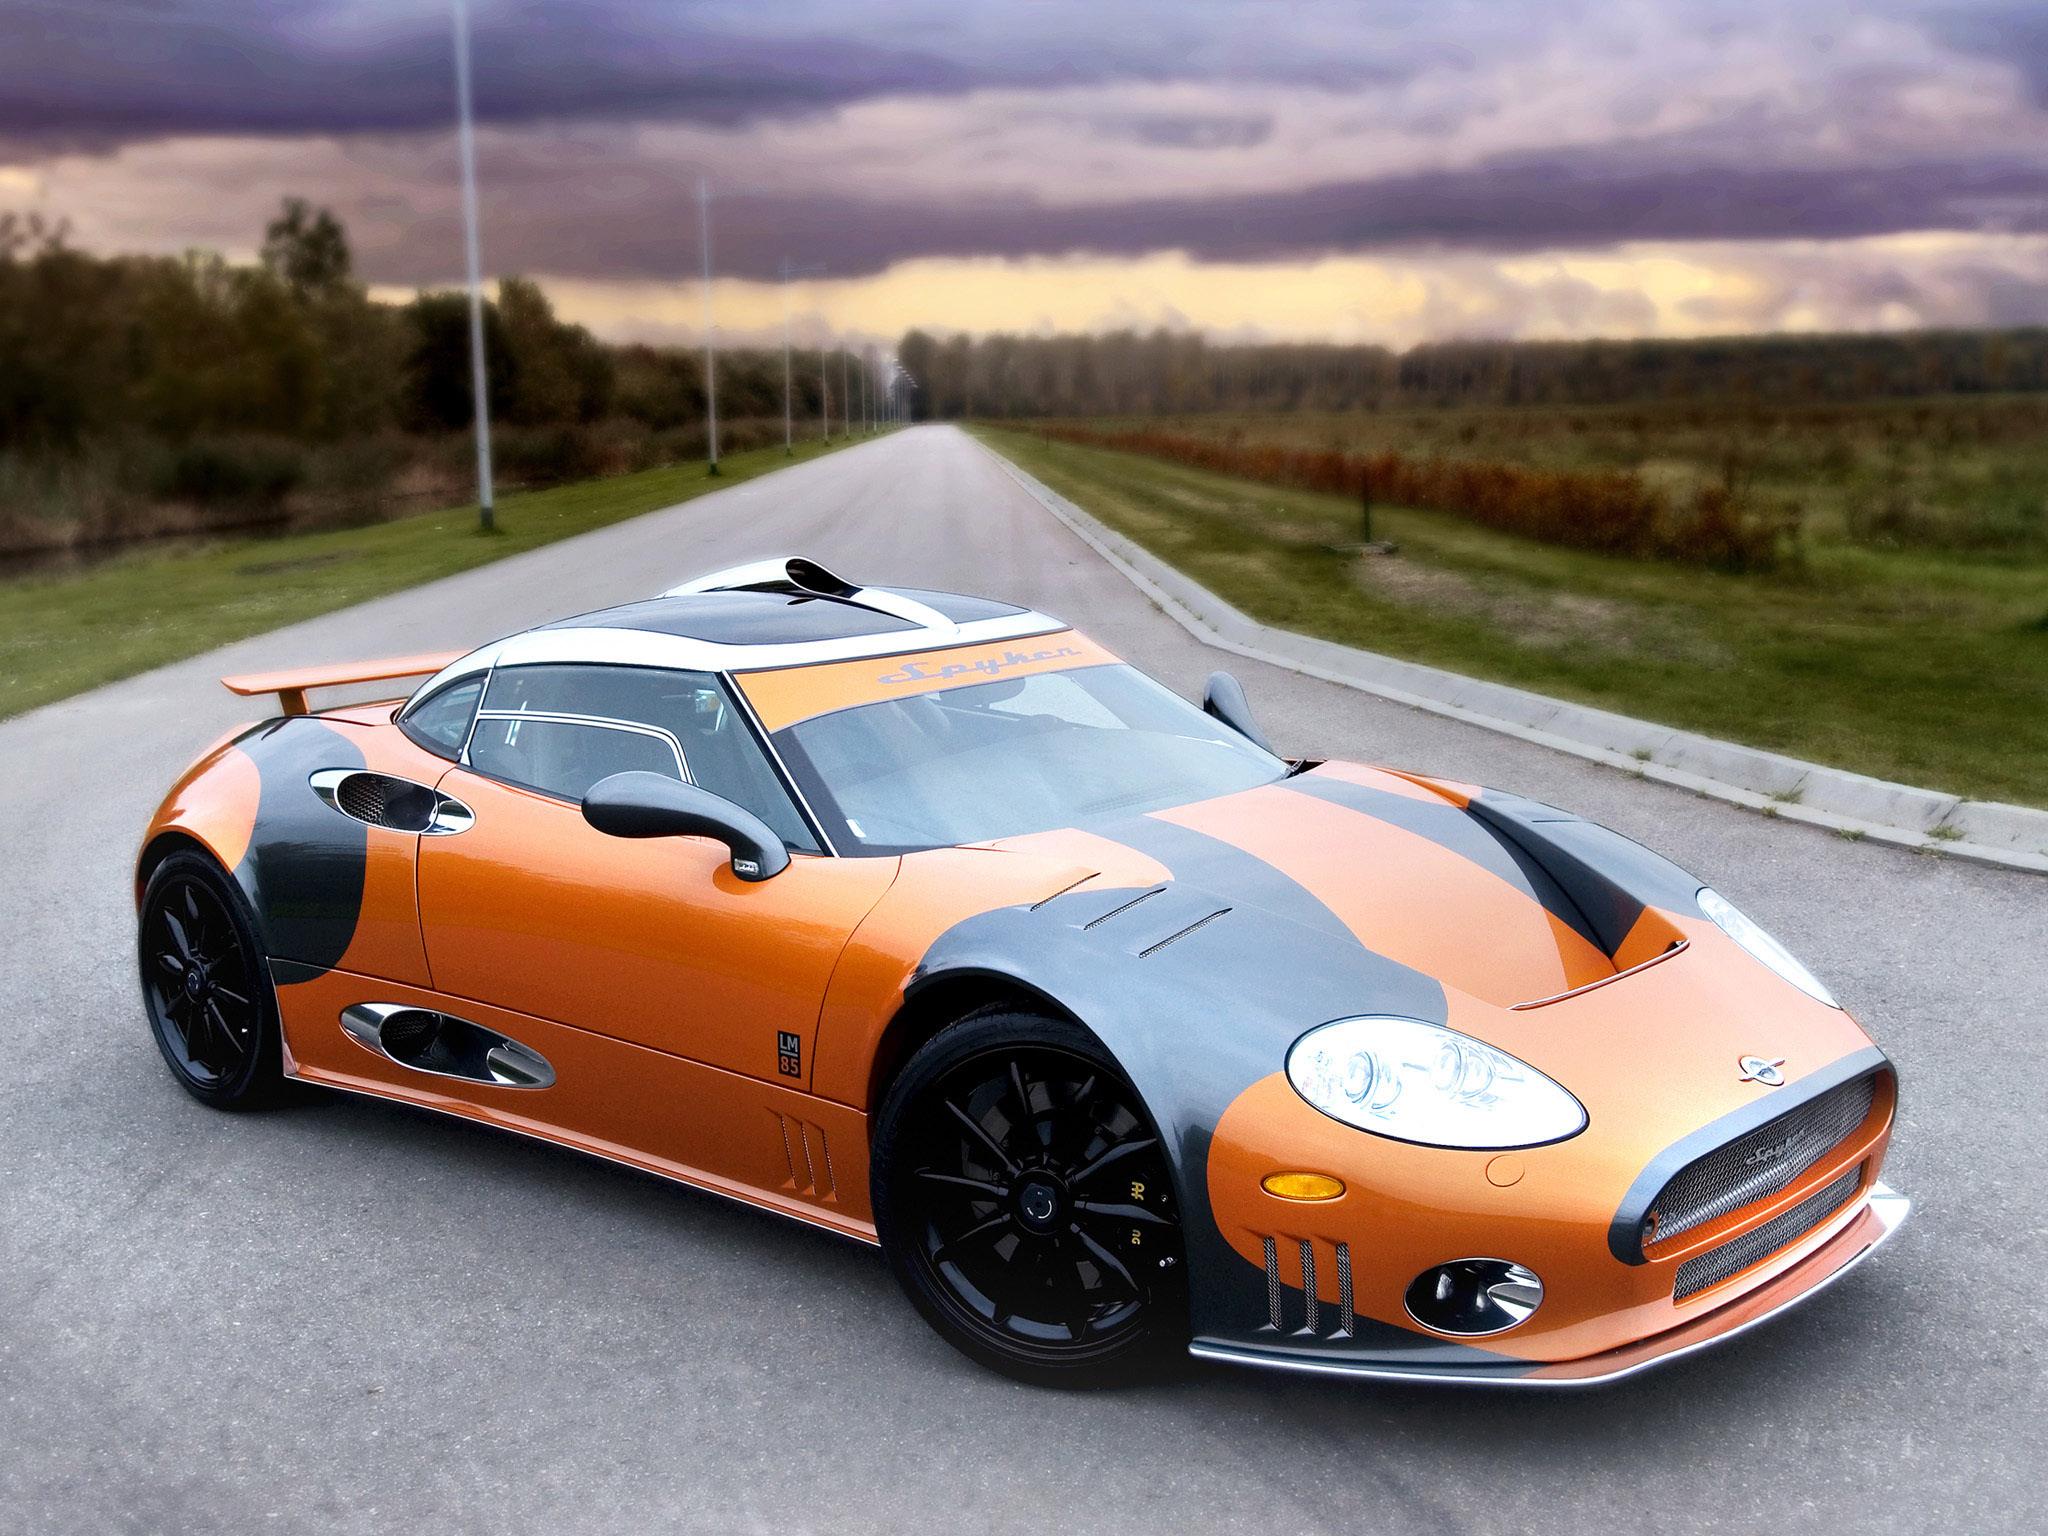 картинки самых гоночных машин в мире красноярская гэс